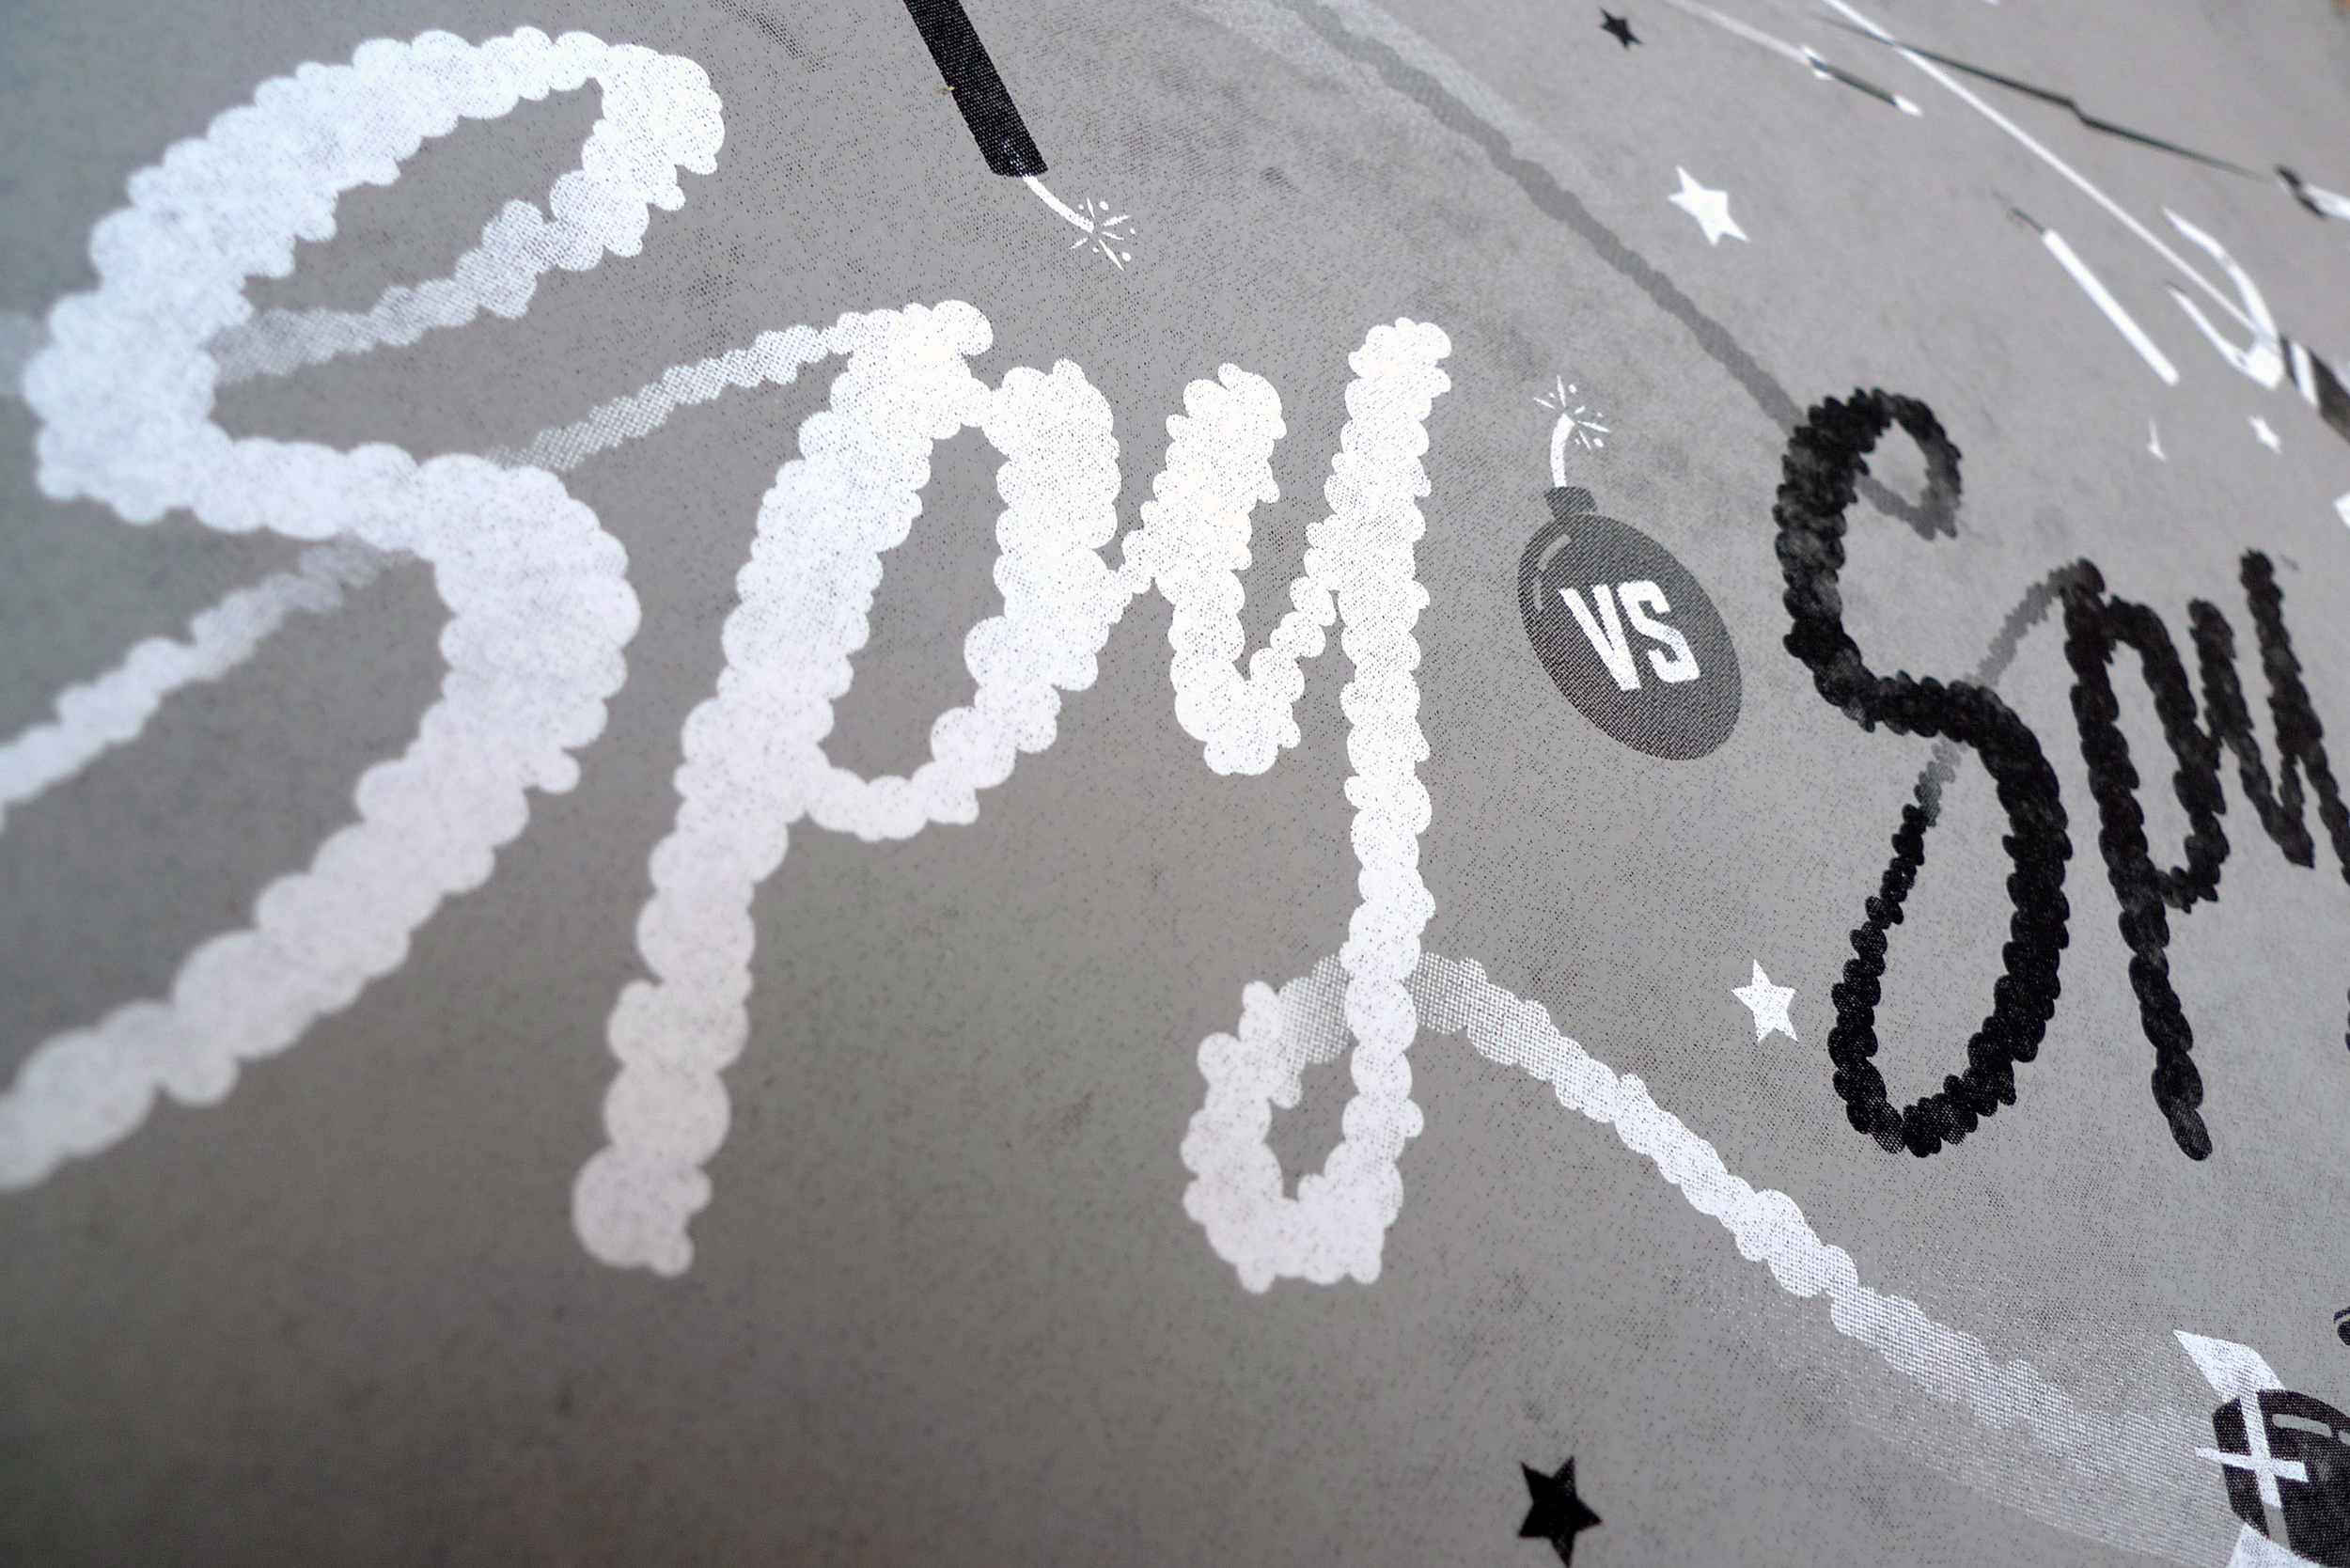 Spy Vs. Spy Poster by DKNG